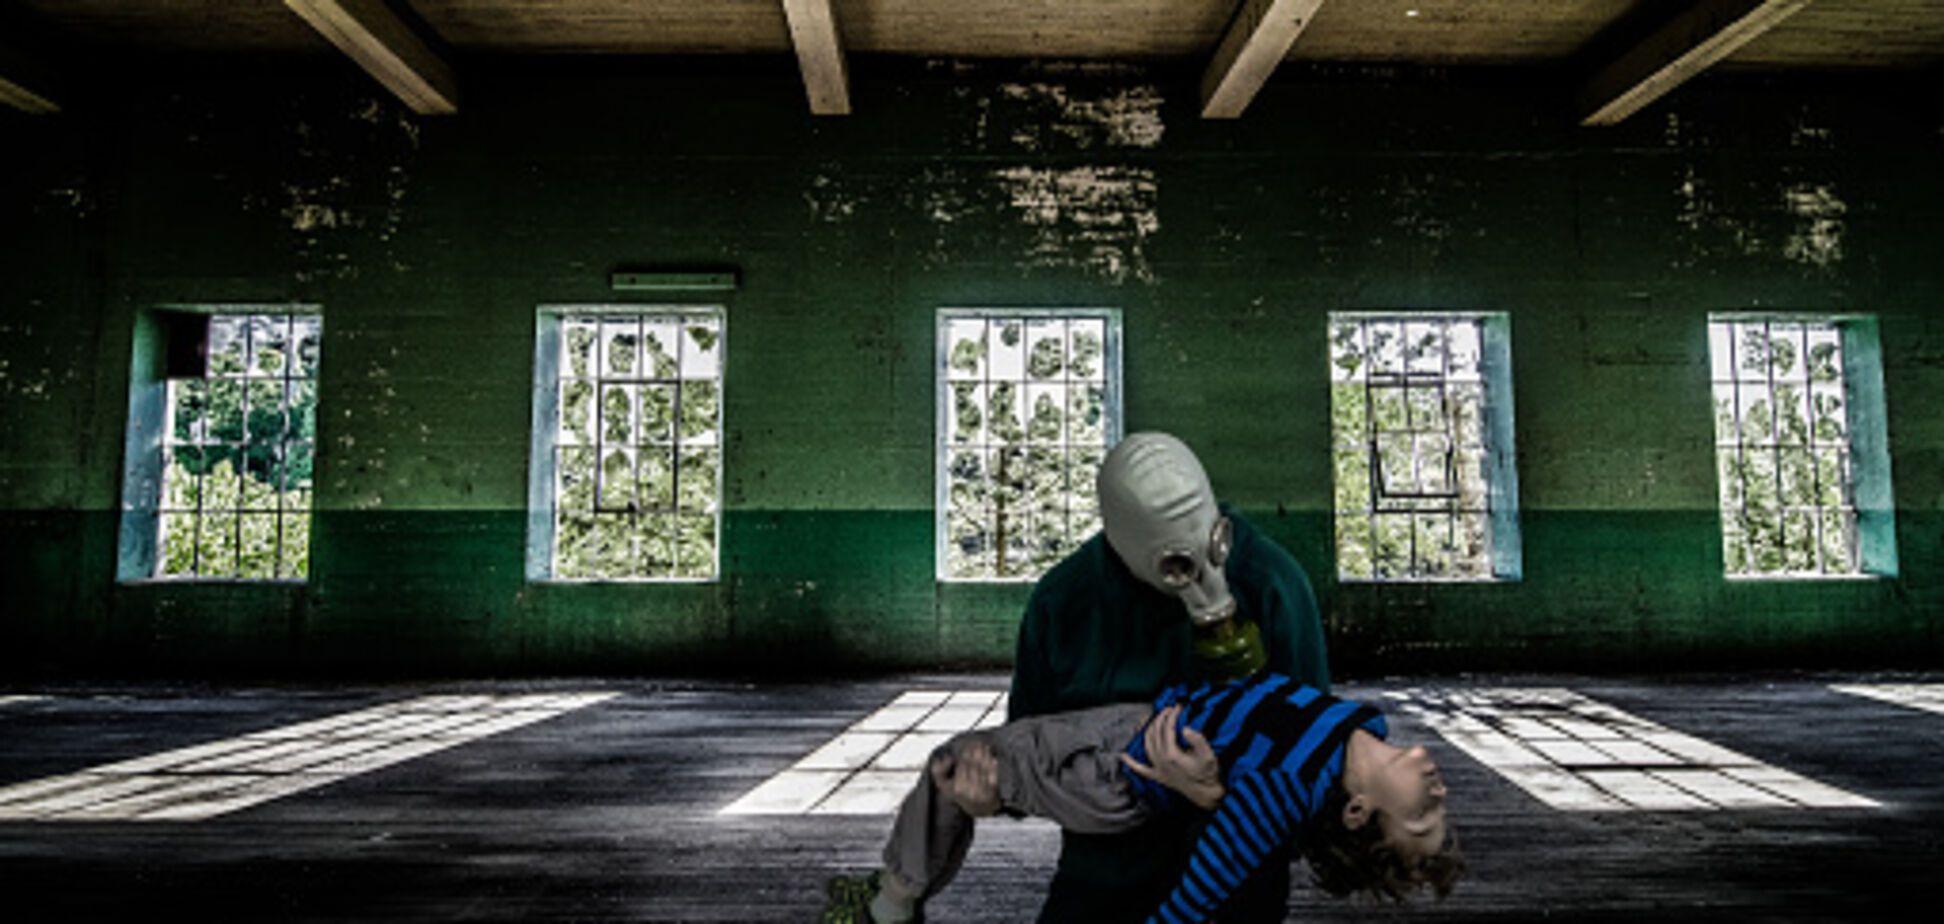 'Поховають у ядерній могилі': на Донбасі реалізували божевільне пророцтво